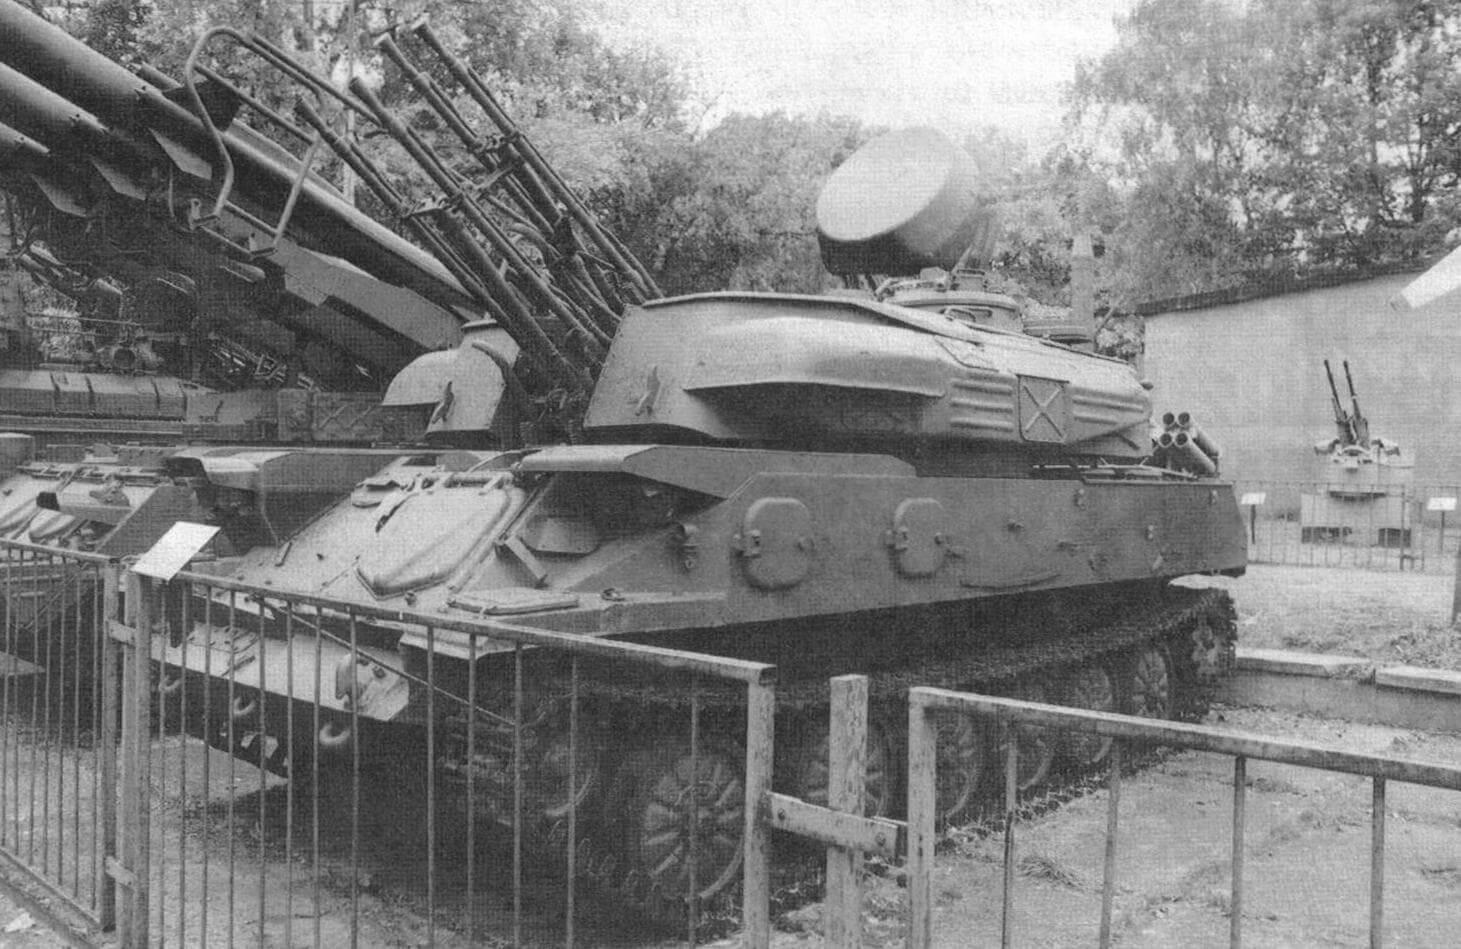 На лобовых скулах башни - характерные кожухи-ограждения системы вентиляции. Машина из коллекции Центрального музея Вооруженных Сил в Москве